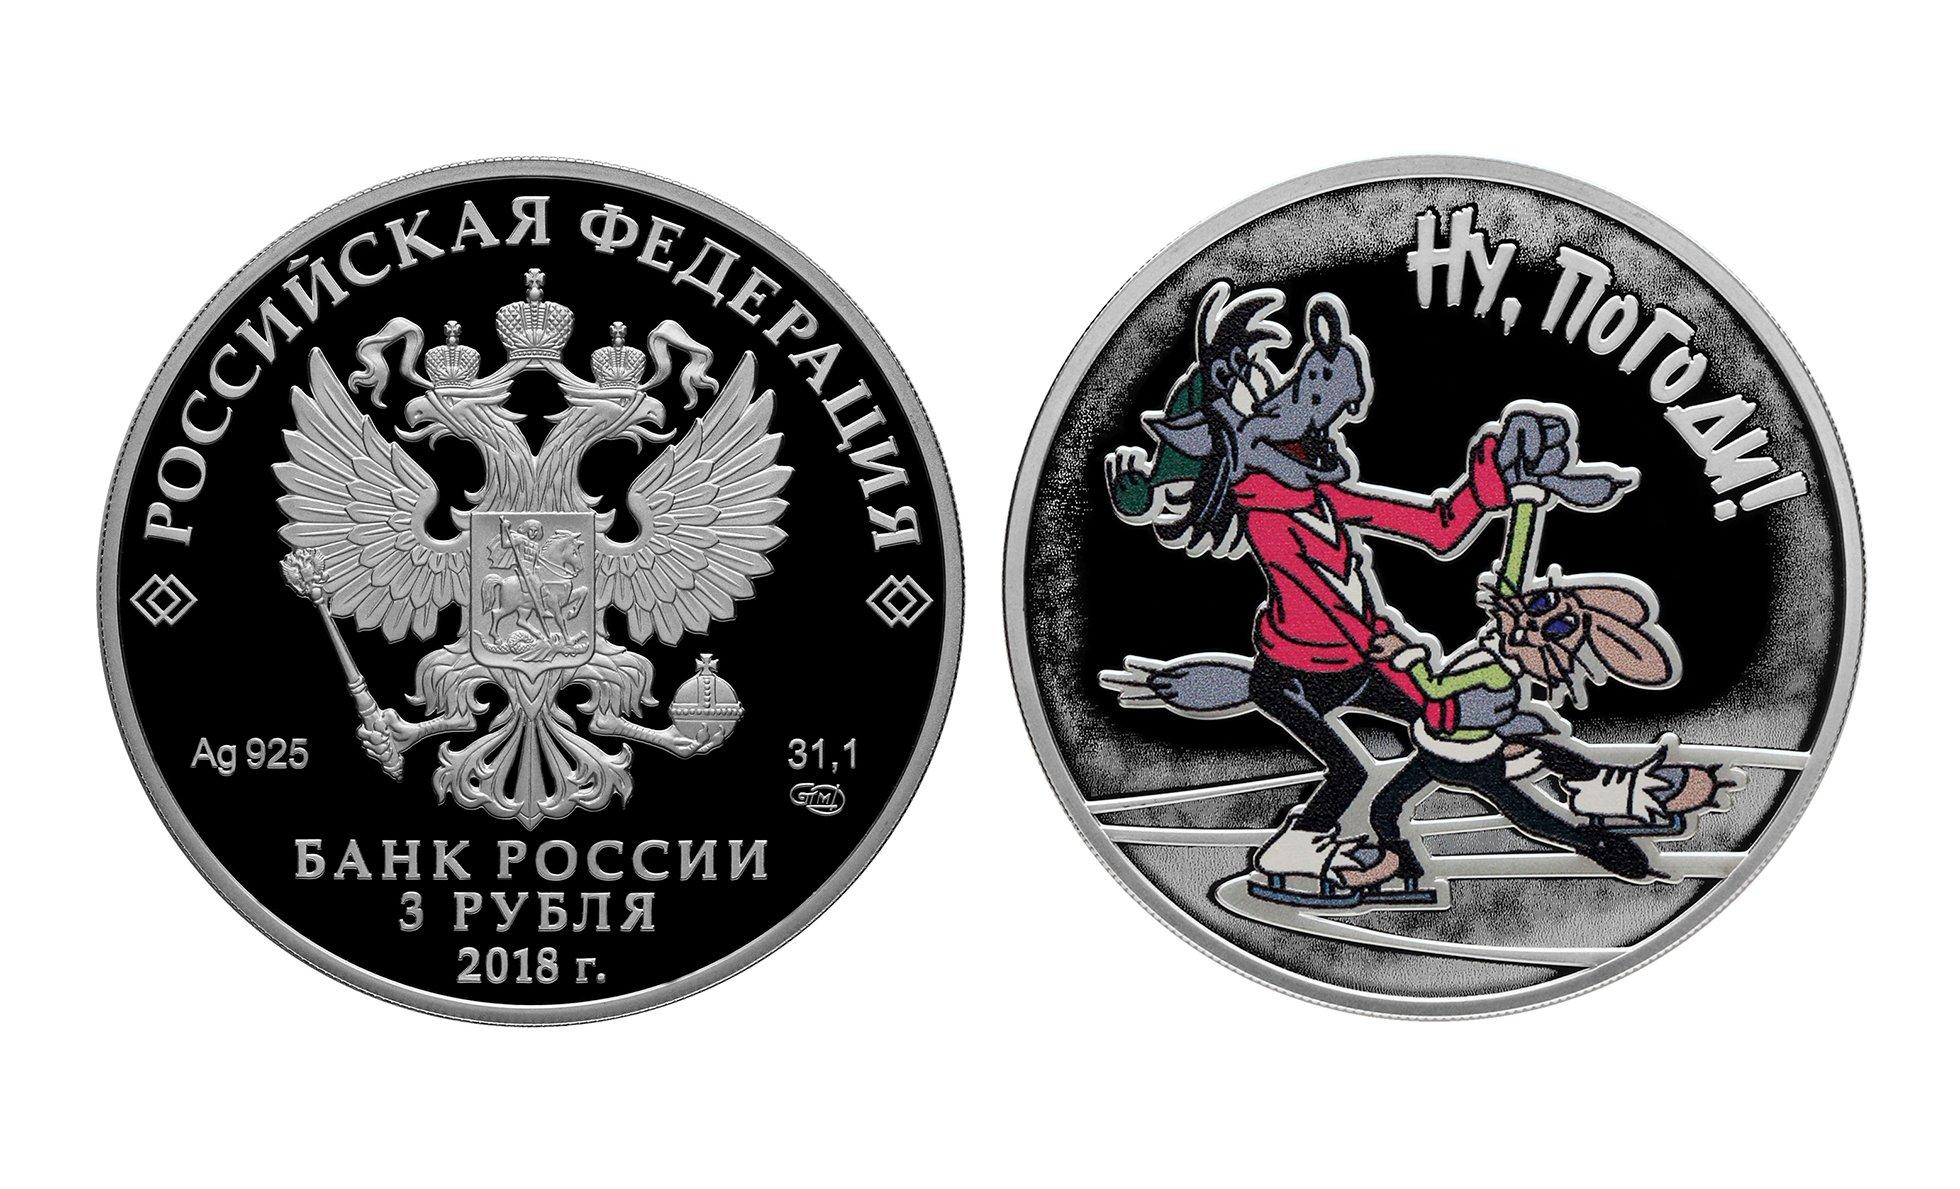 Банк России увековечил память о мультфильме Ну, погоди по-своему